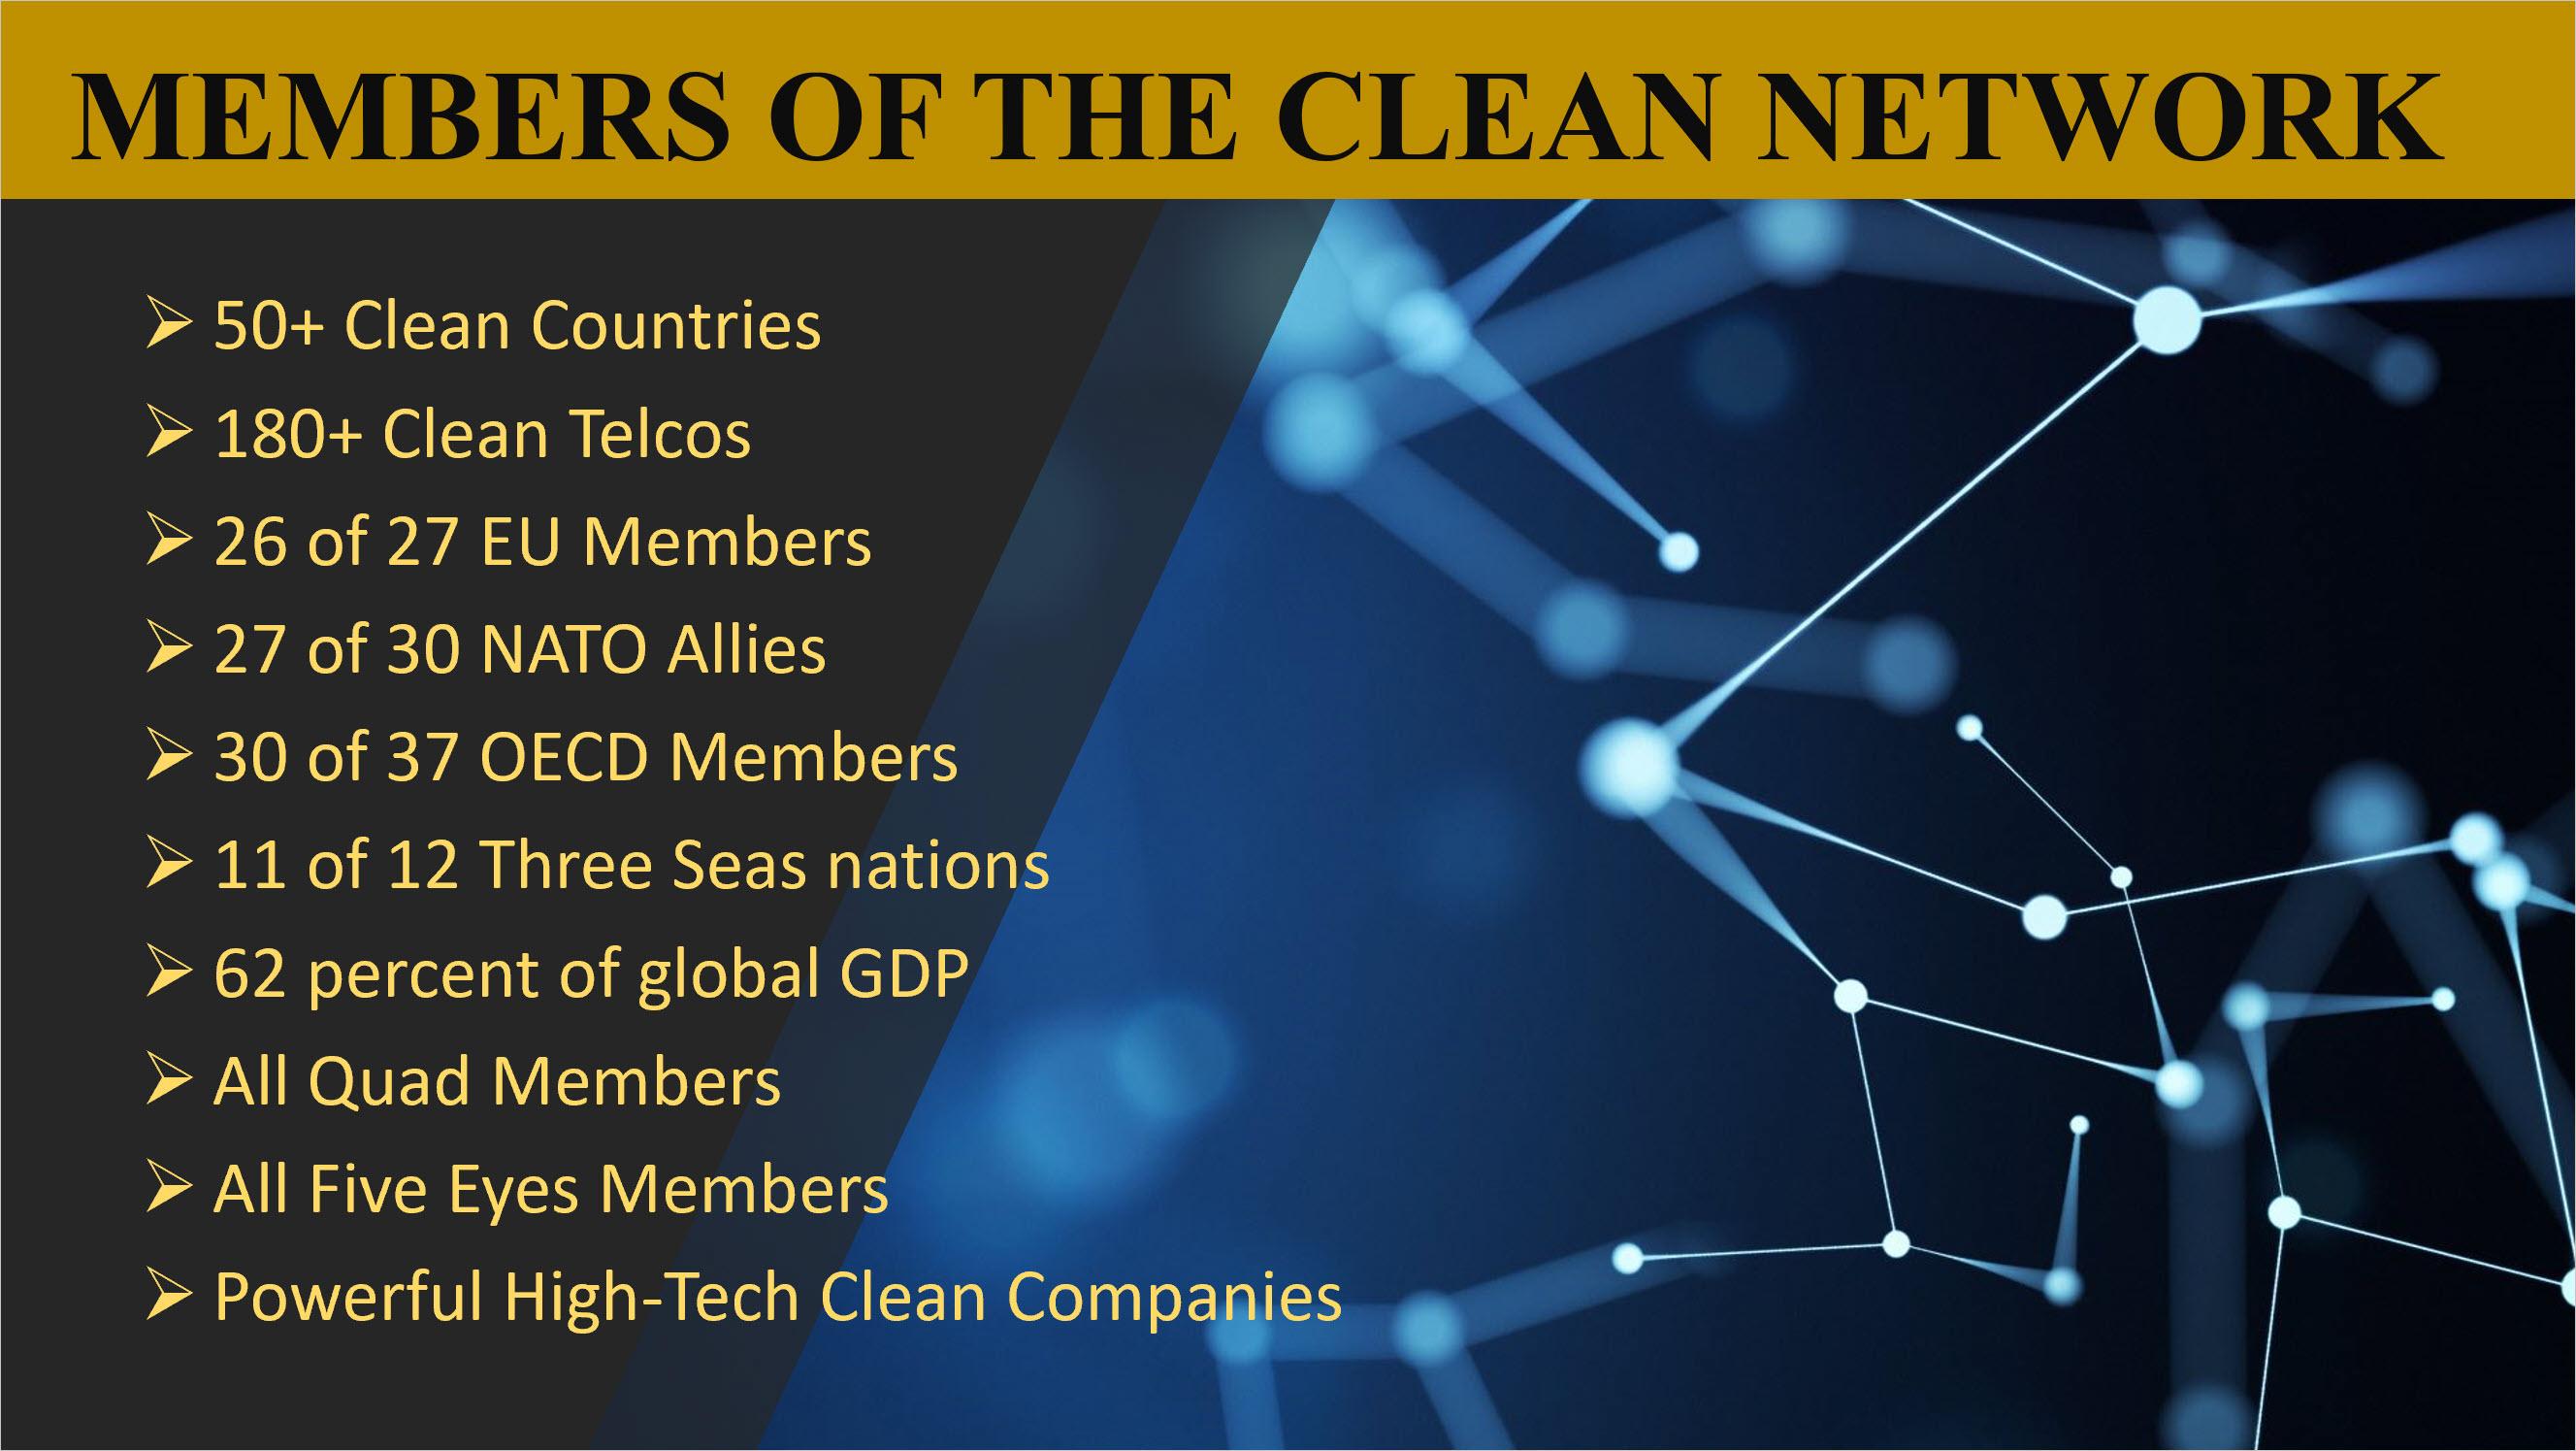 Clean Network Members